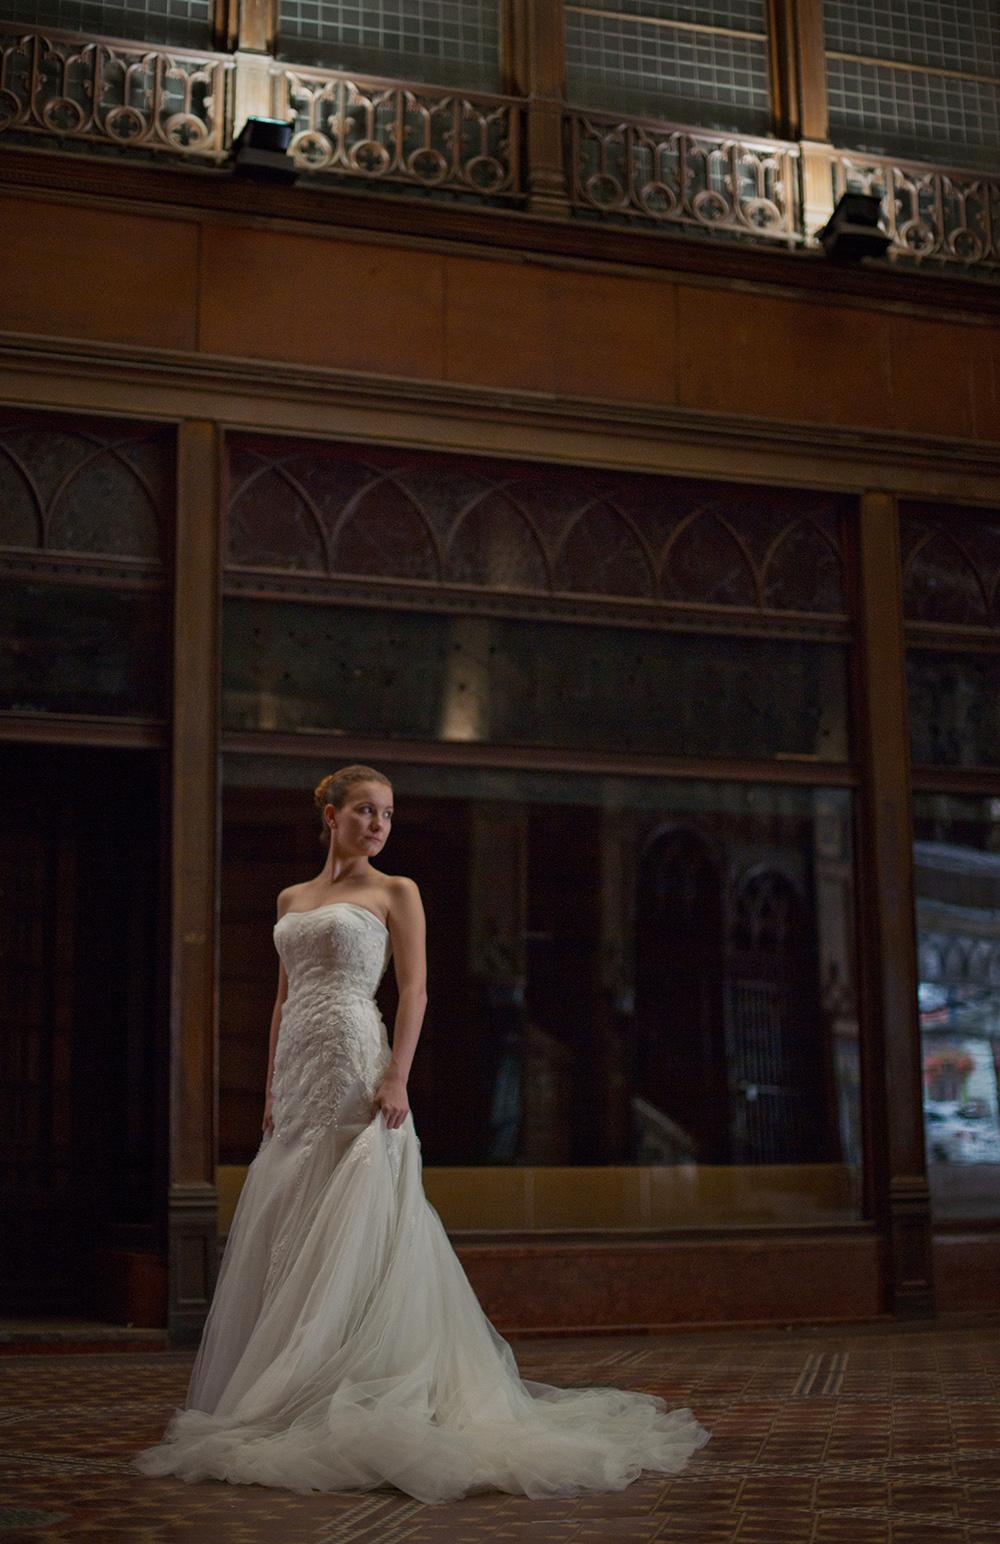 Női portréfotózás - Gabi esküvői portré